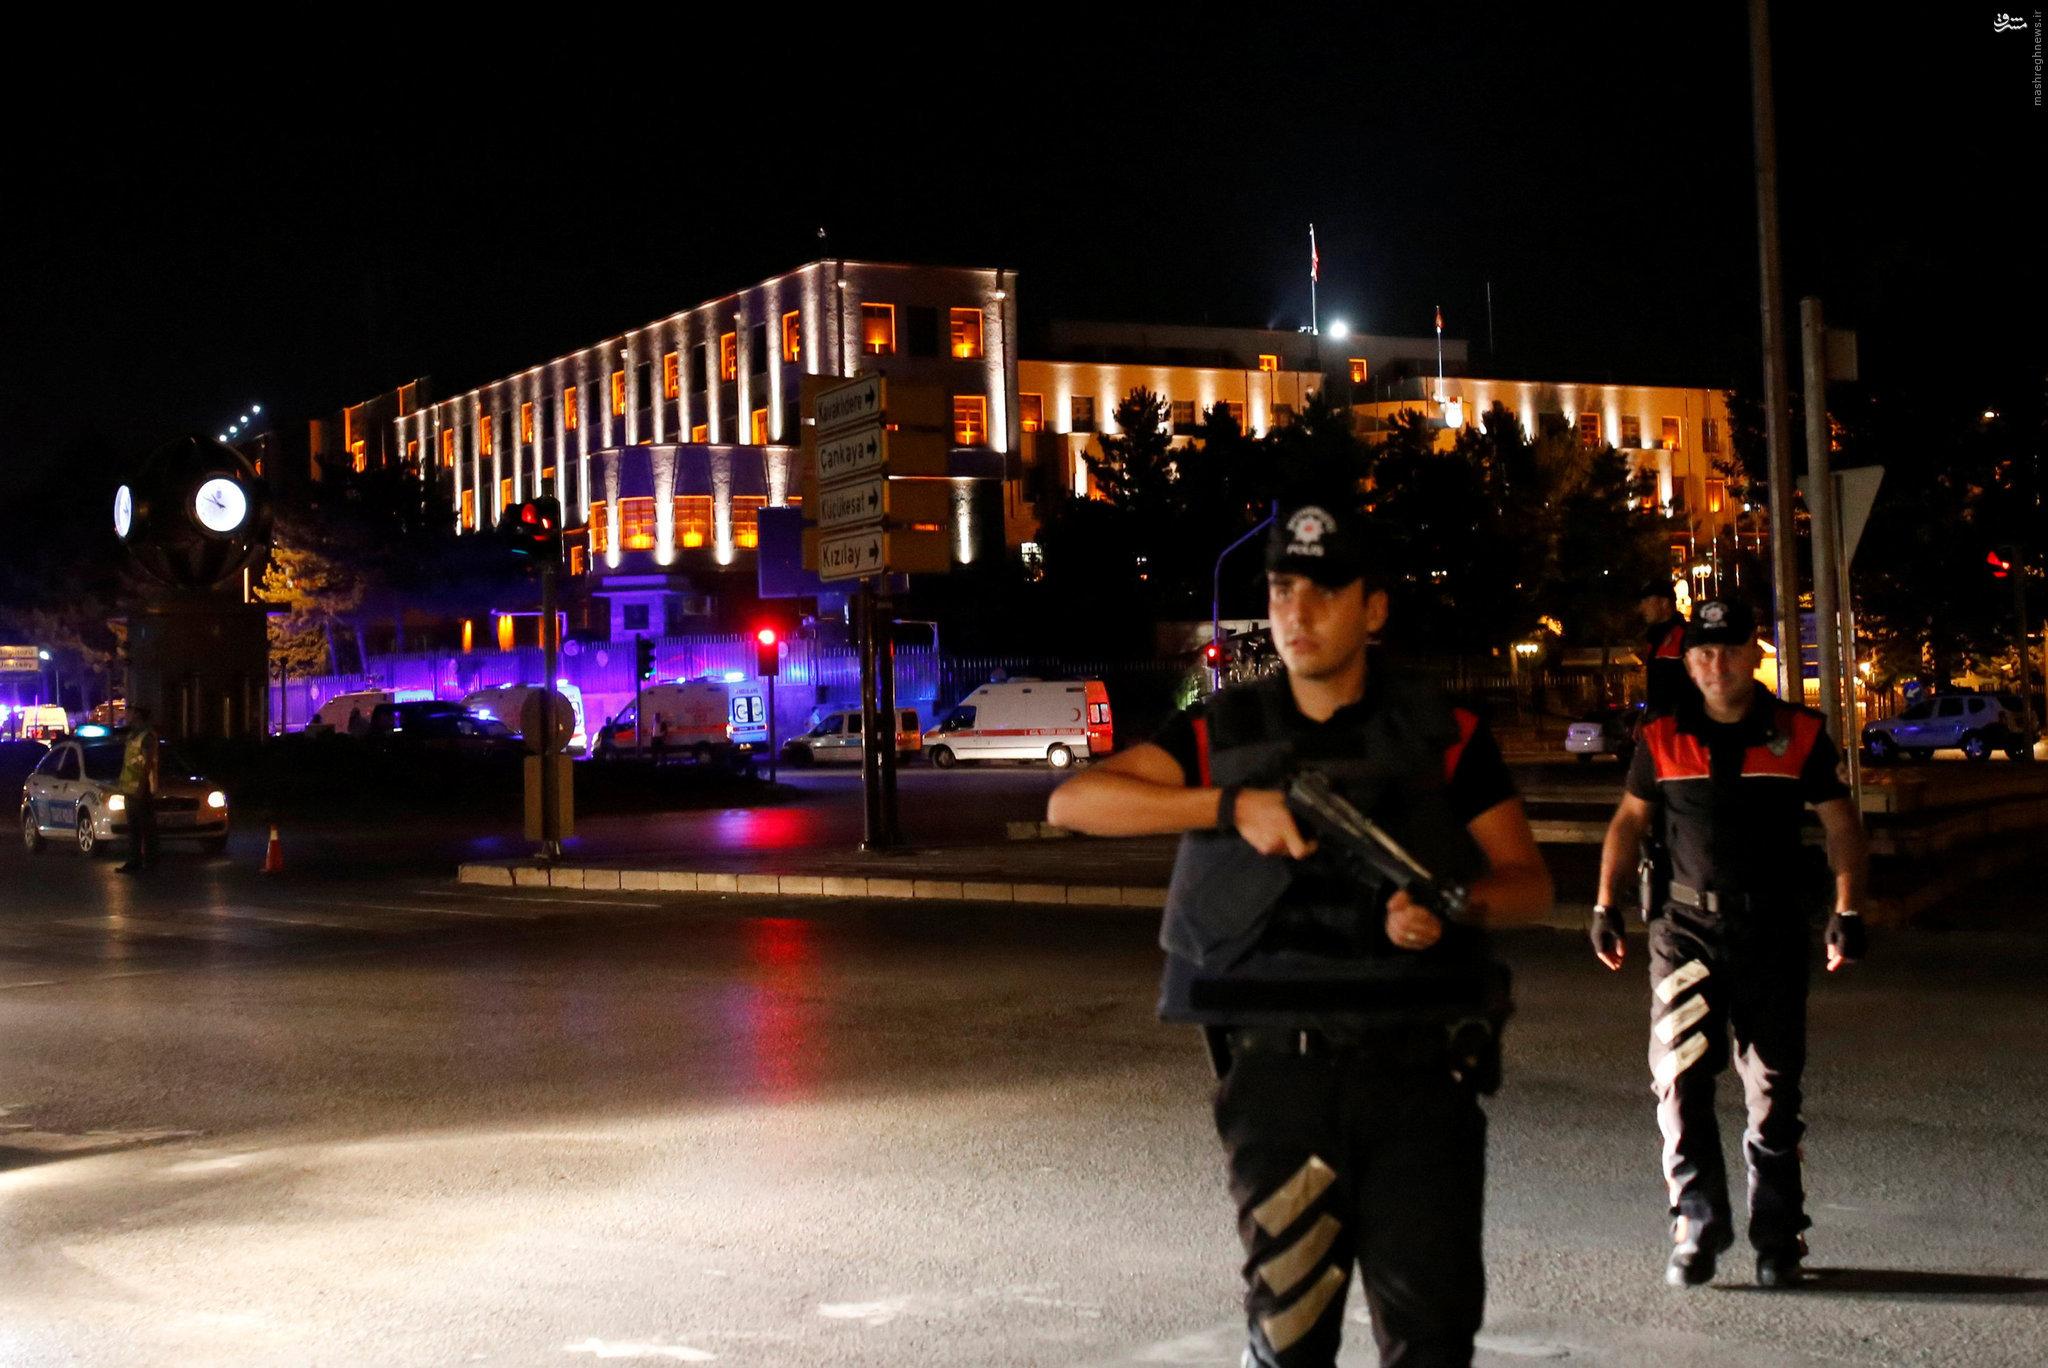 كودتا در تركيه/ تانك ها و هليكوپترهاي نظامي در پايتخت تركيه +عکس